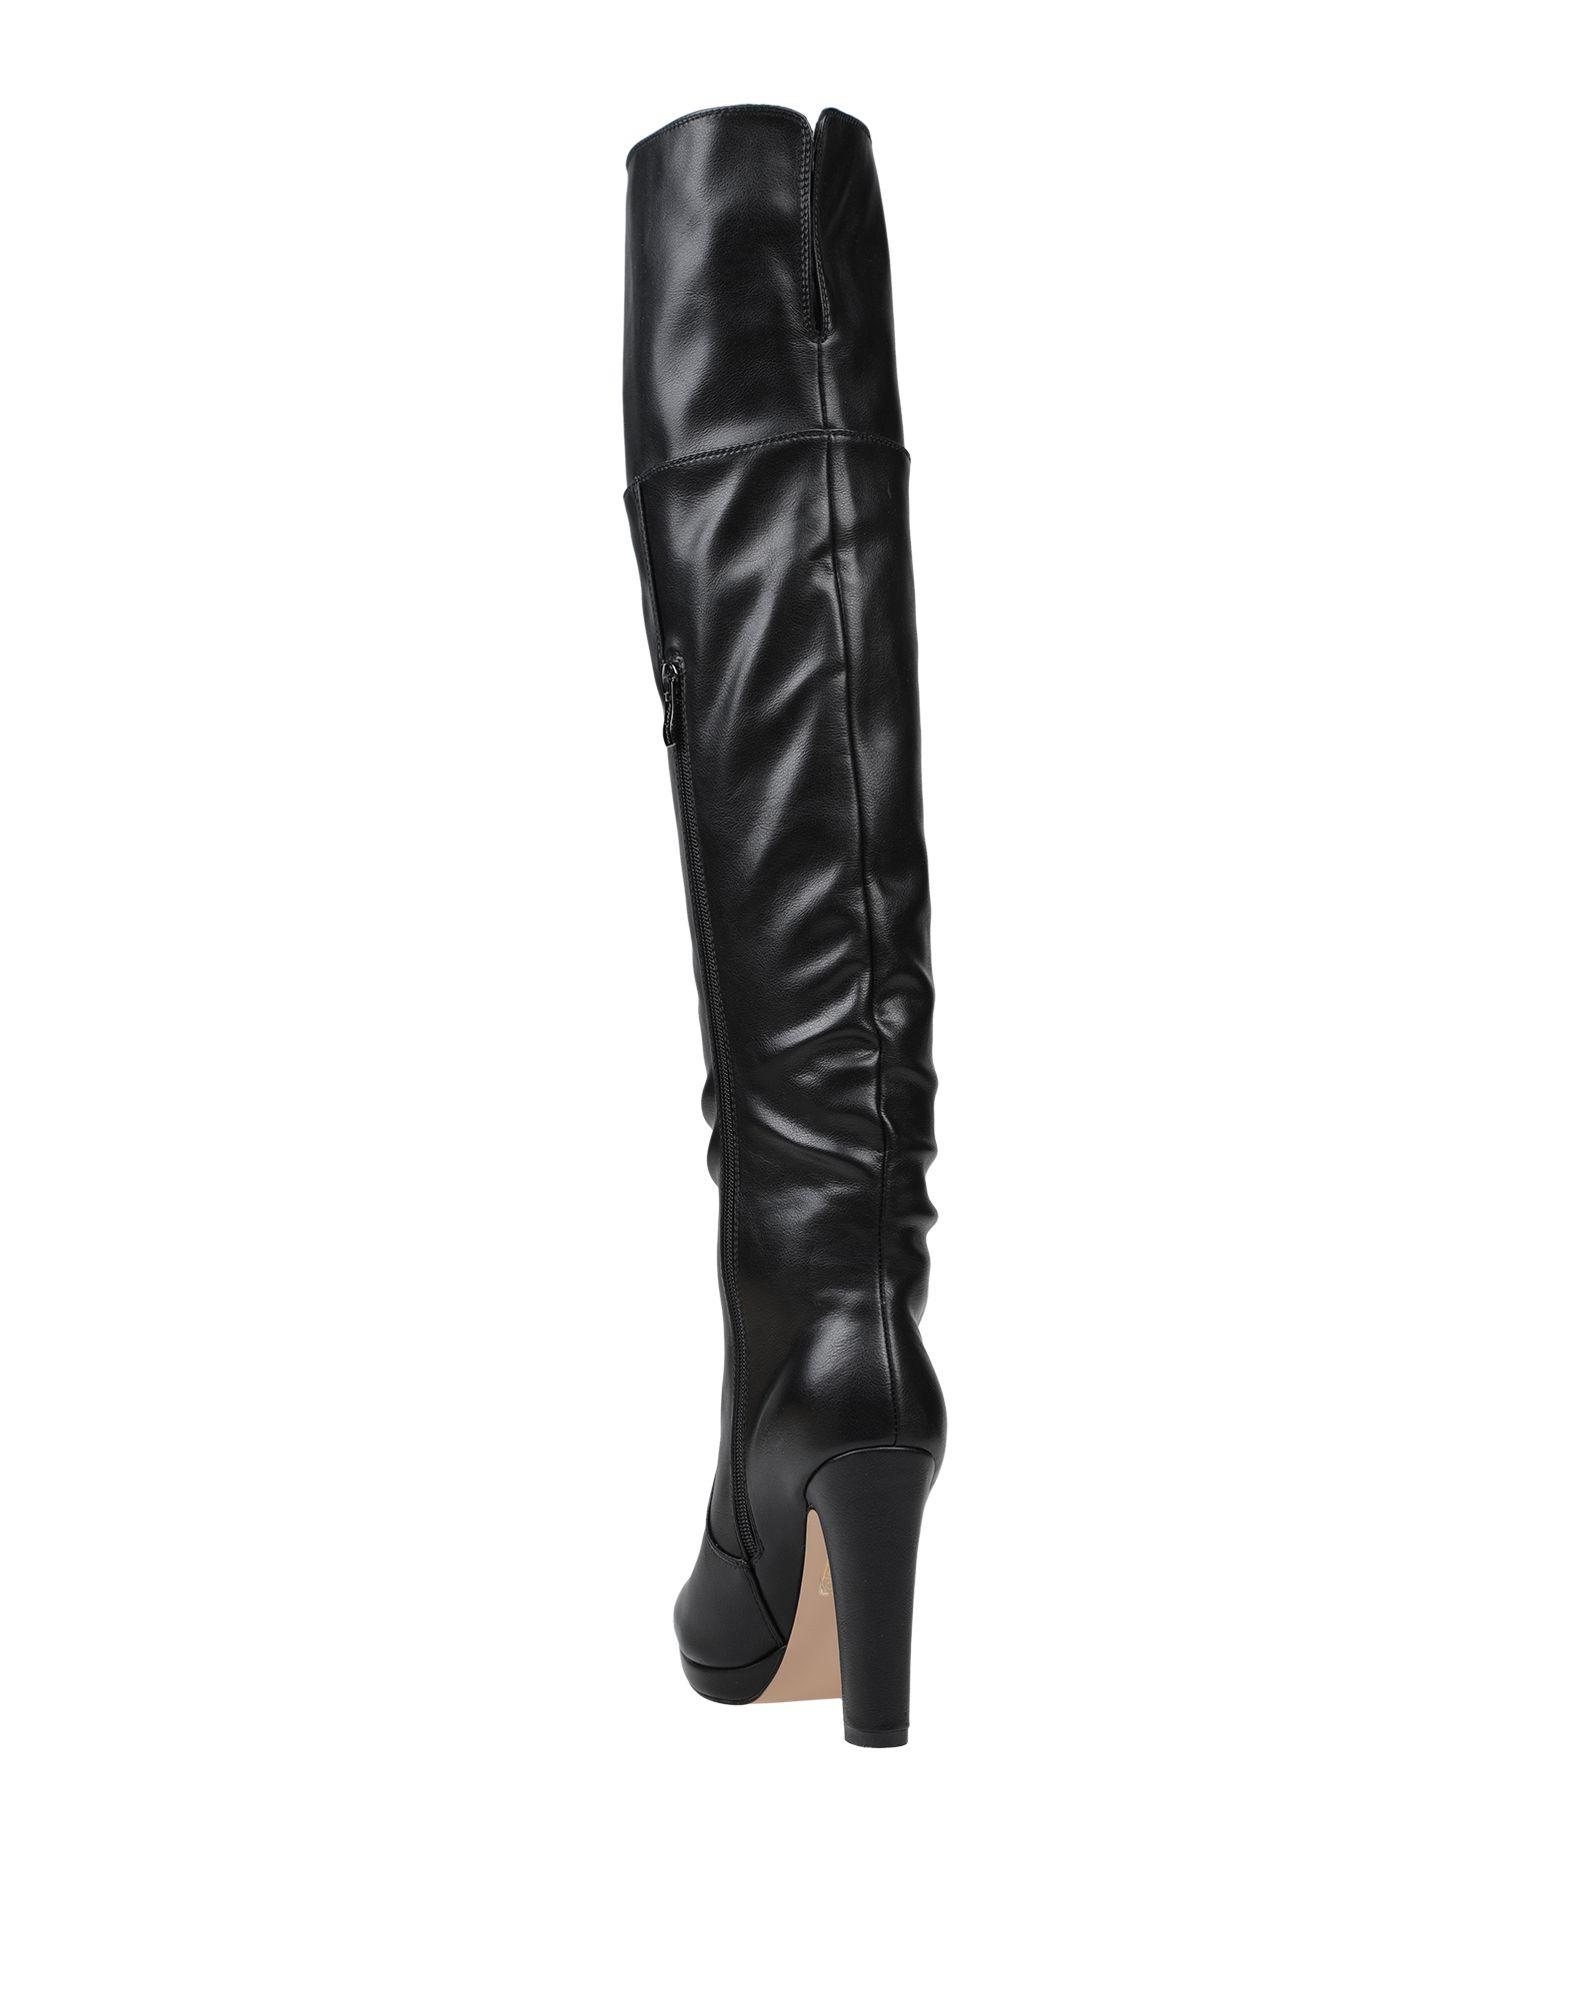 Gai Mattiolo Stiefel Damen  11535250RM 11535250RM 11535250RM Gute Qualität beliebte Schuhe 093b5d